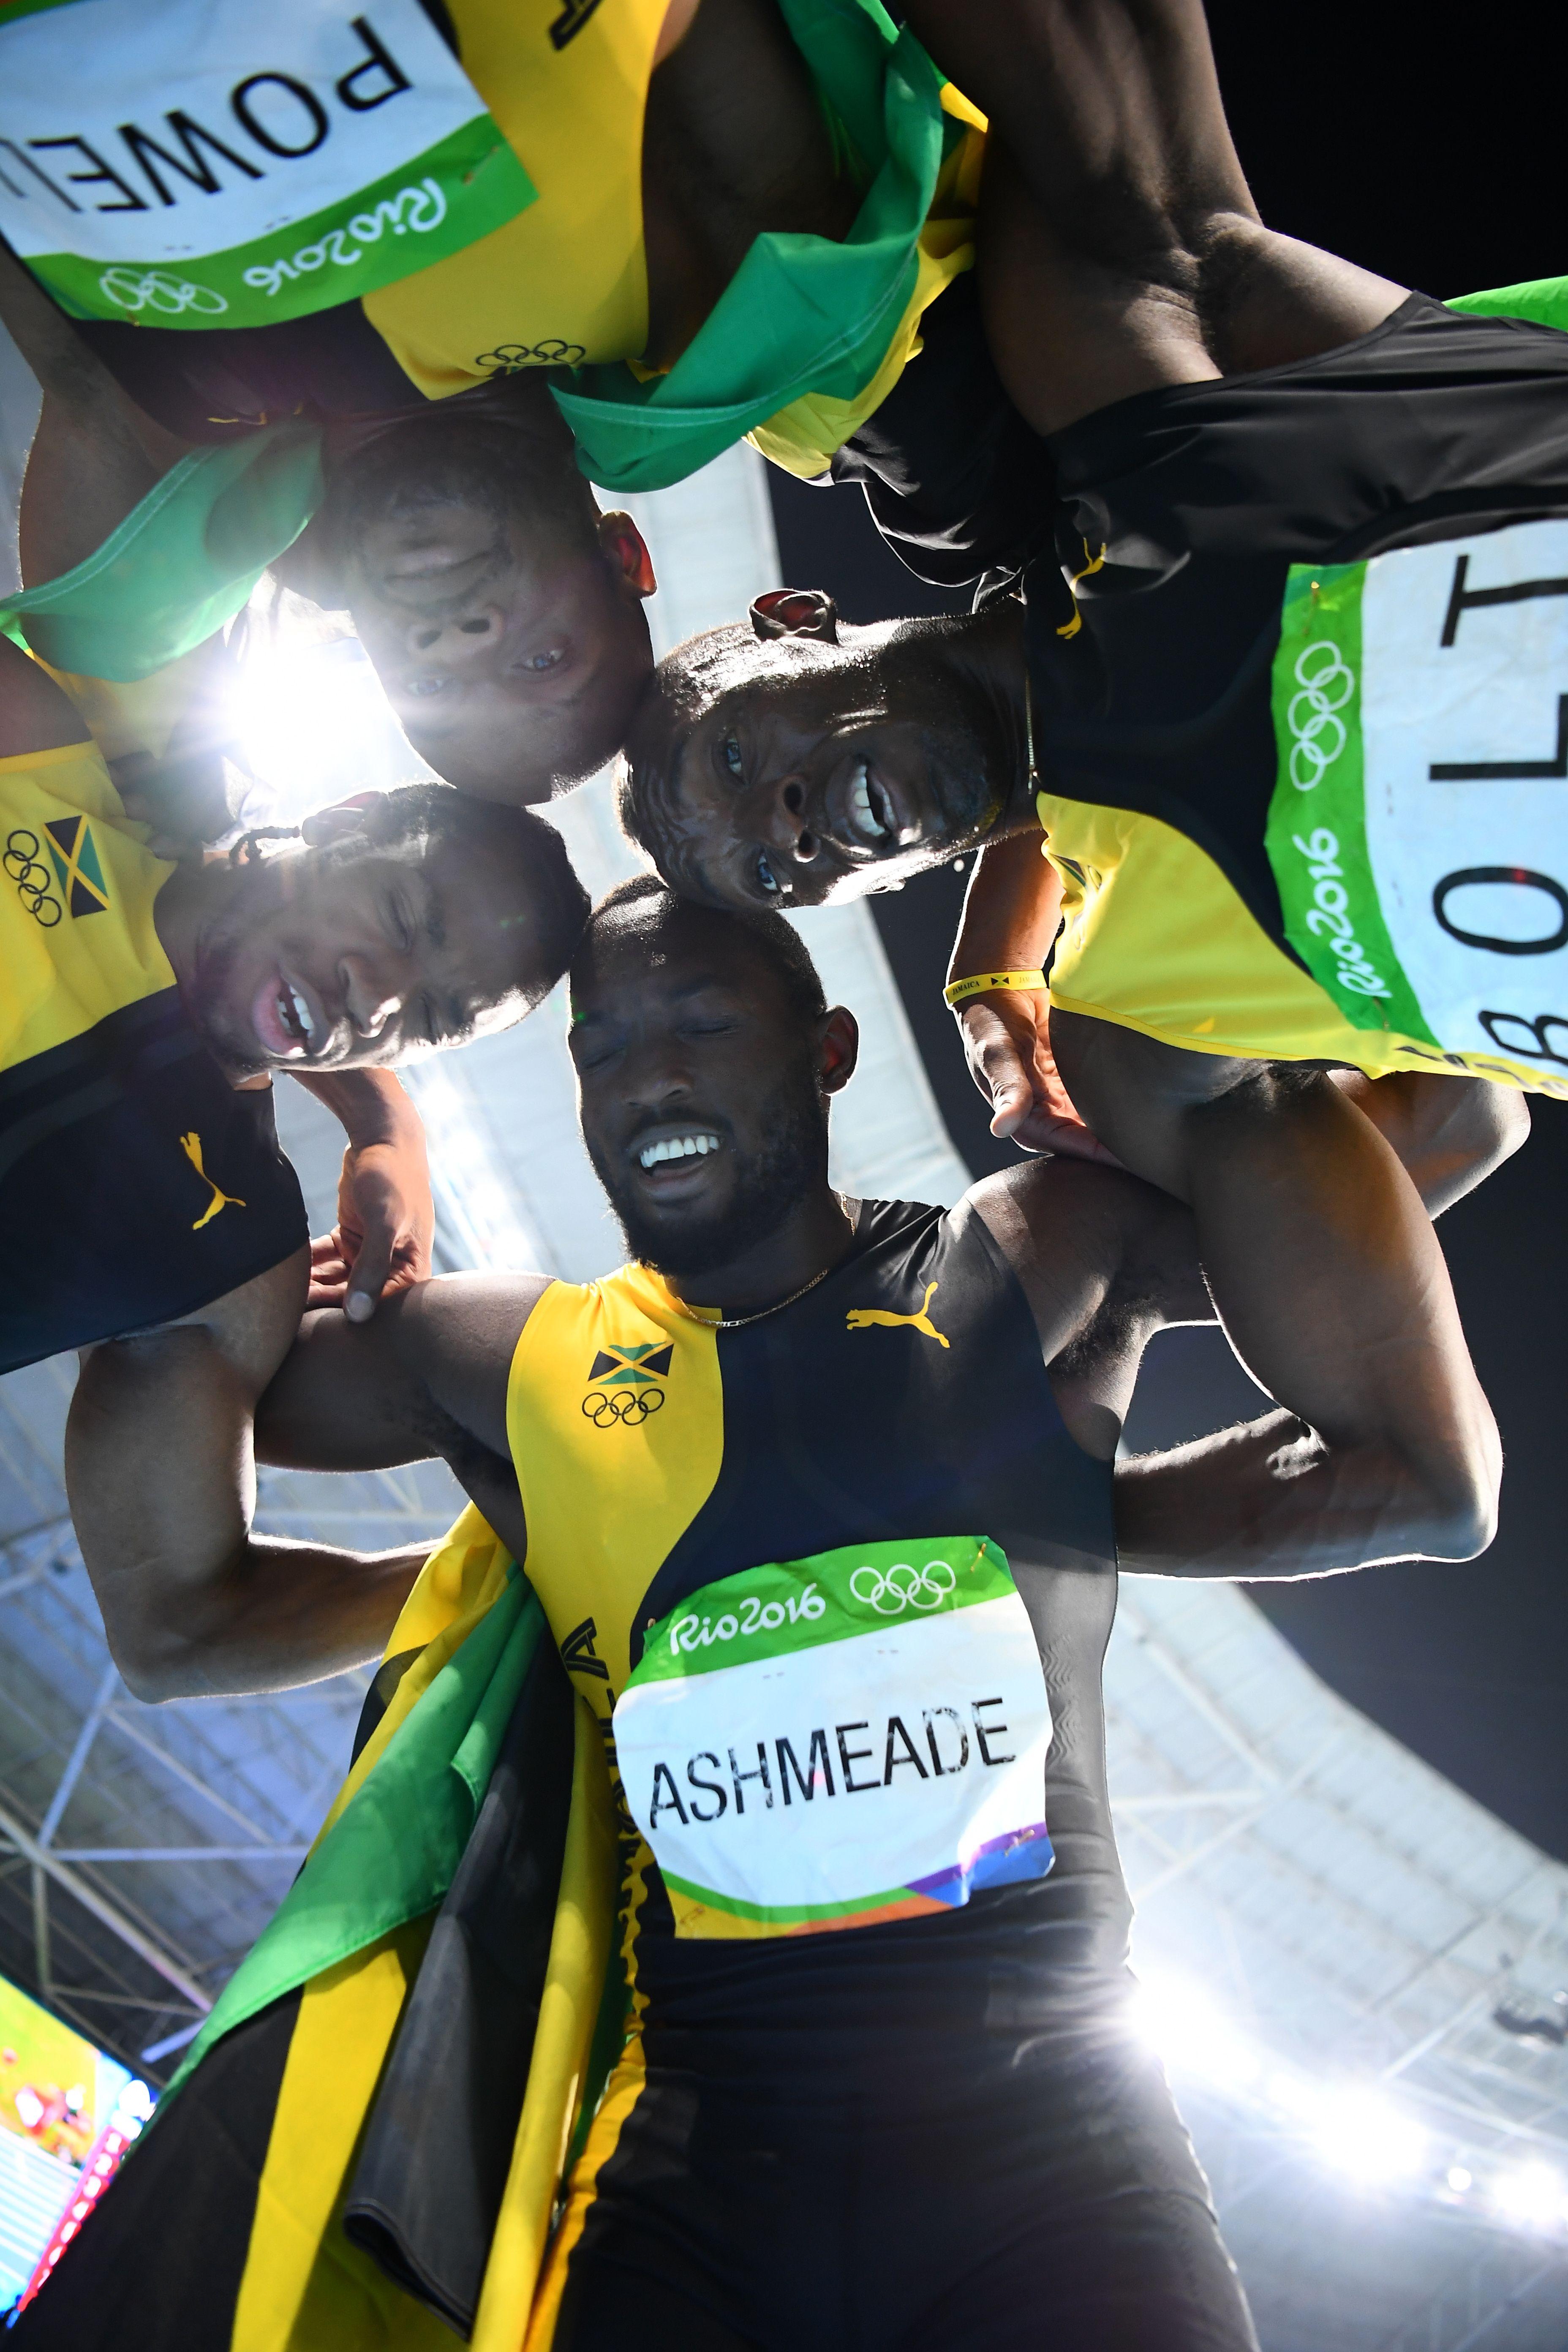 La novena medalla dorada del imparable Usain Bolt, en fotos